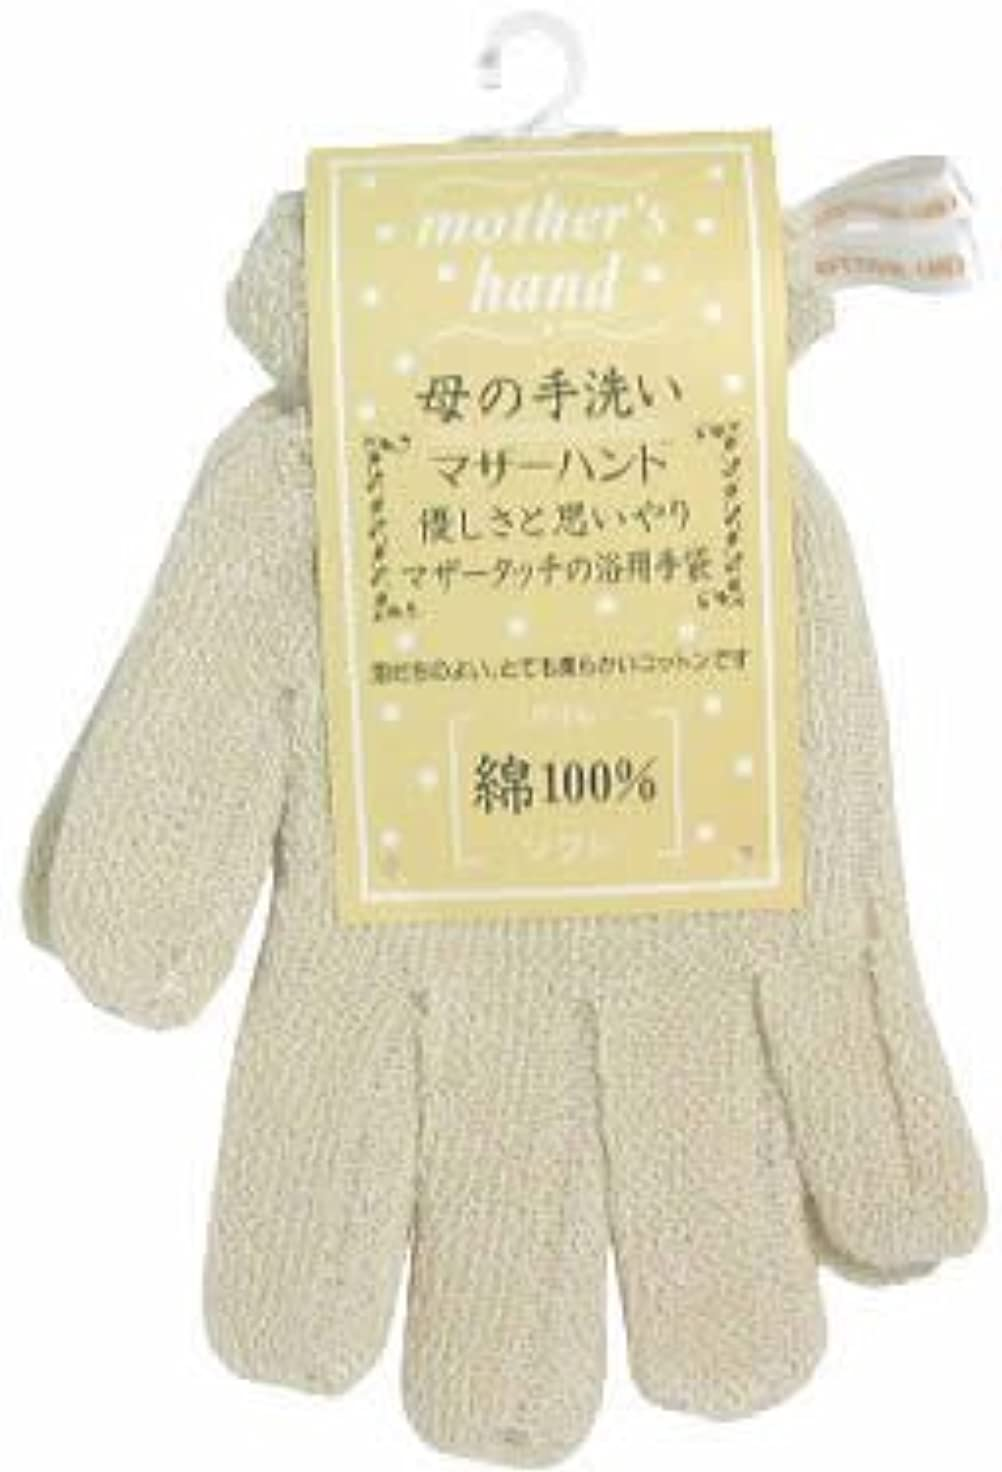 シャッフル異常露出度の高いマザーハンド ソフト(綿100%)